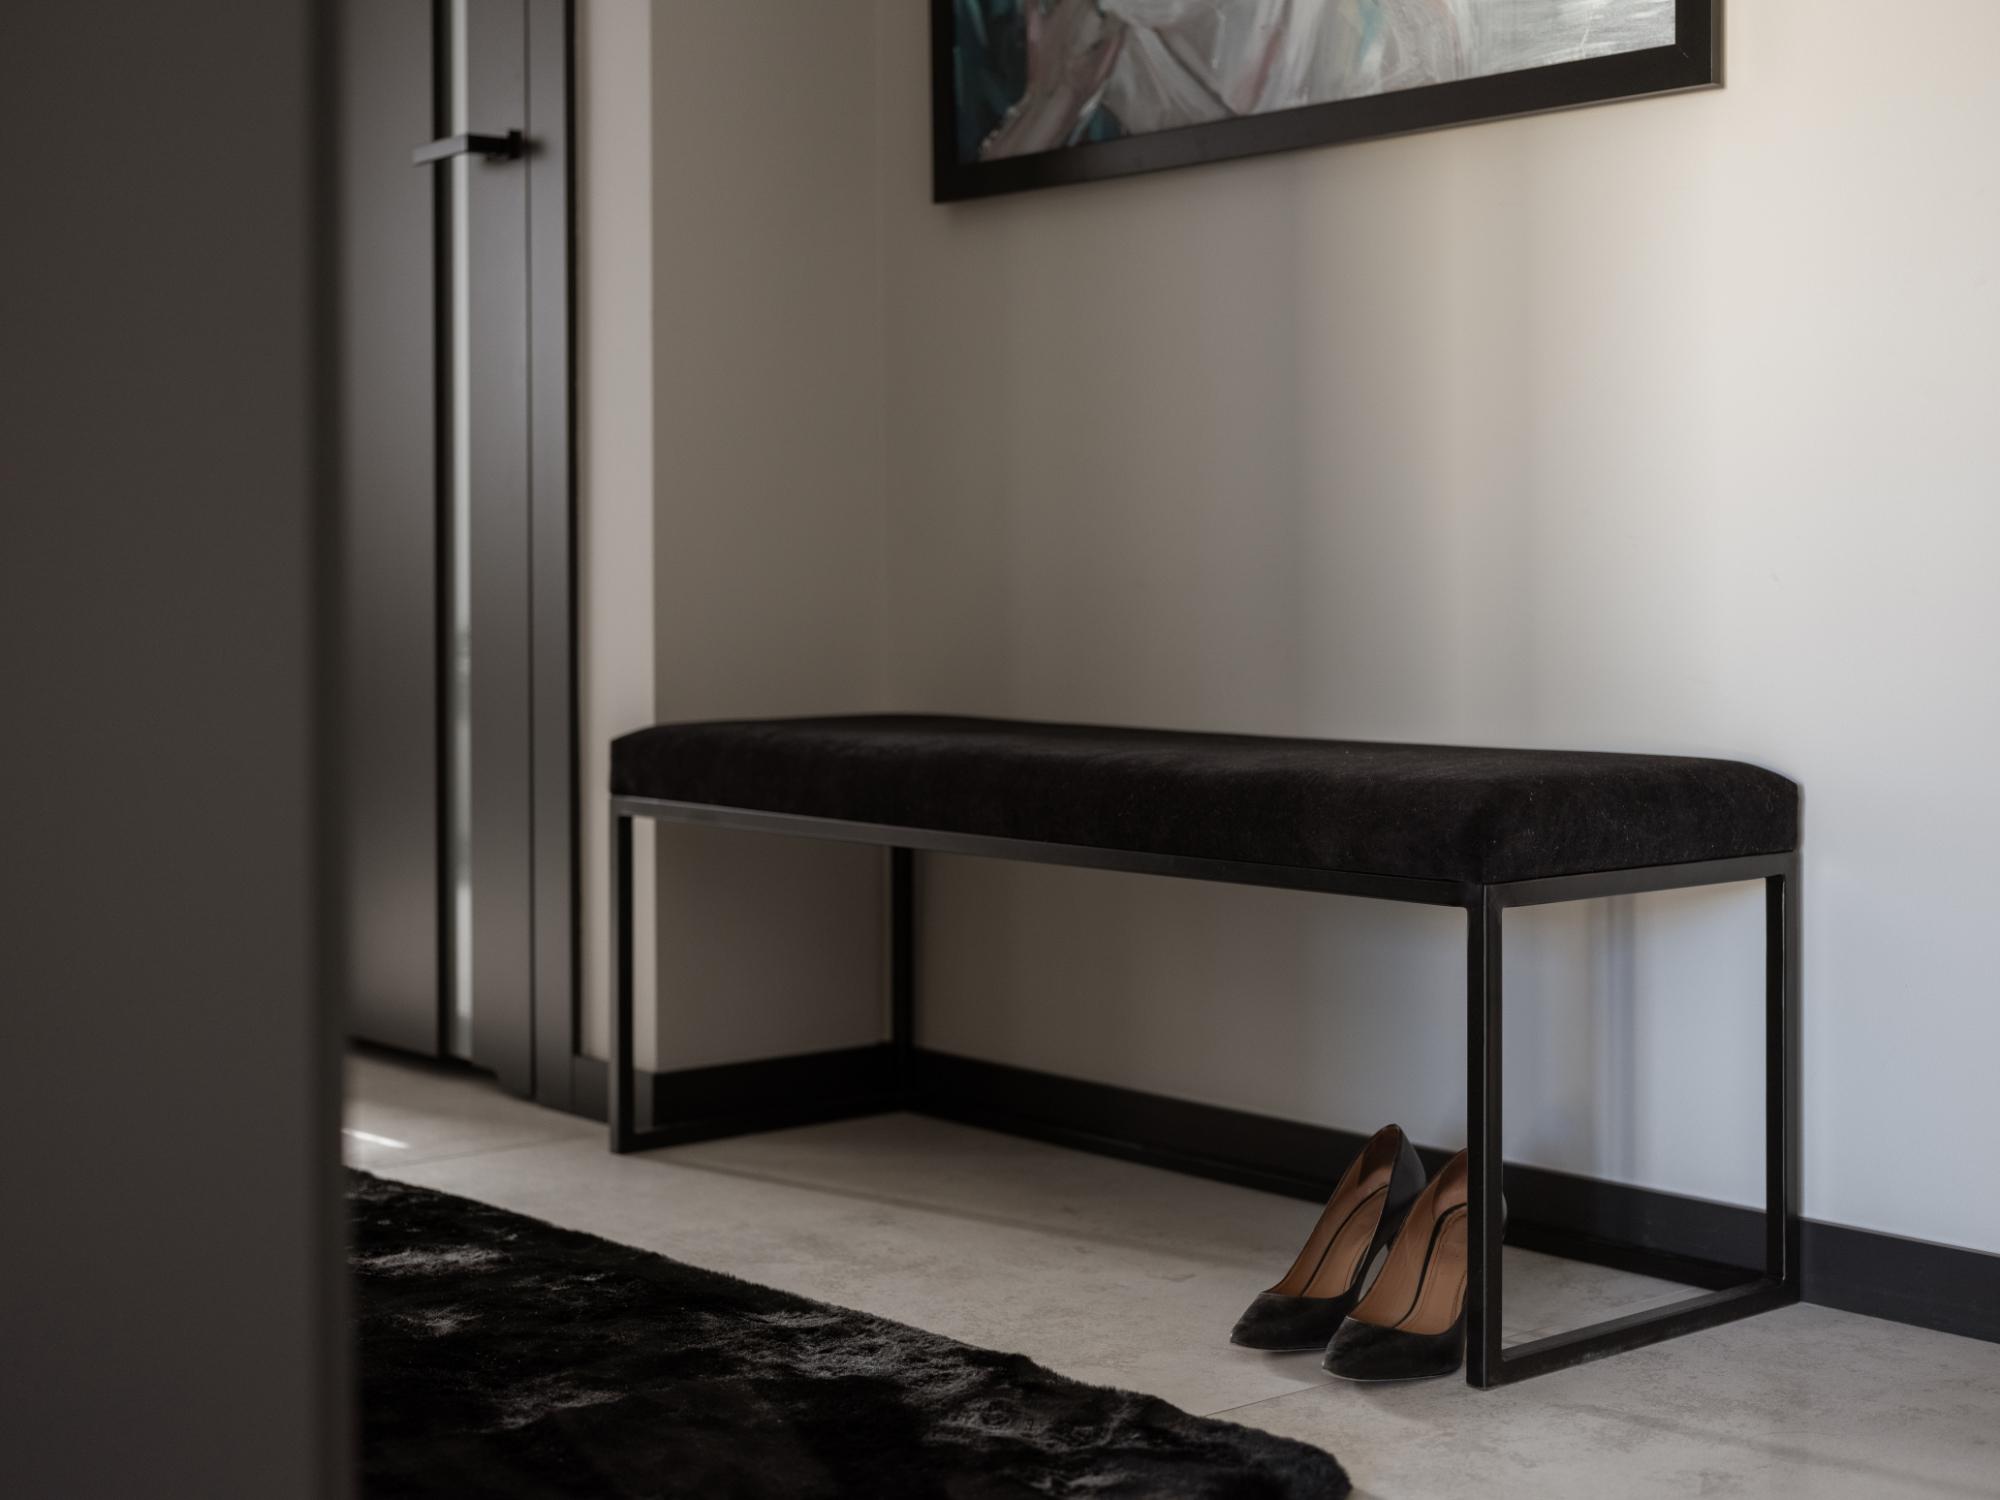 Furniture / photo: Przemysław Kuciński